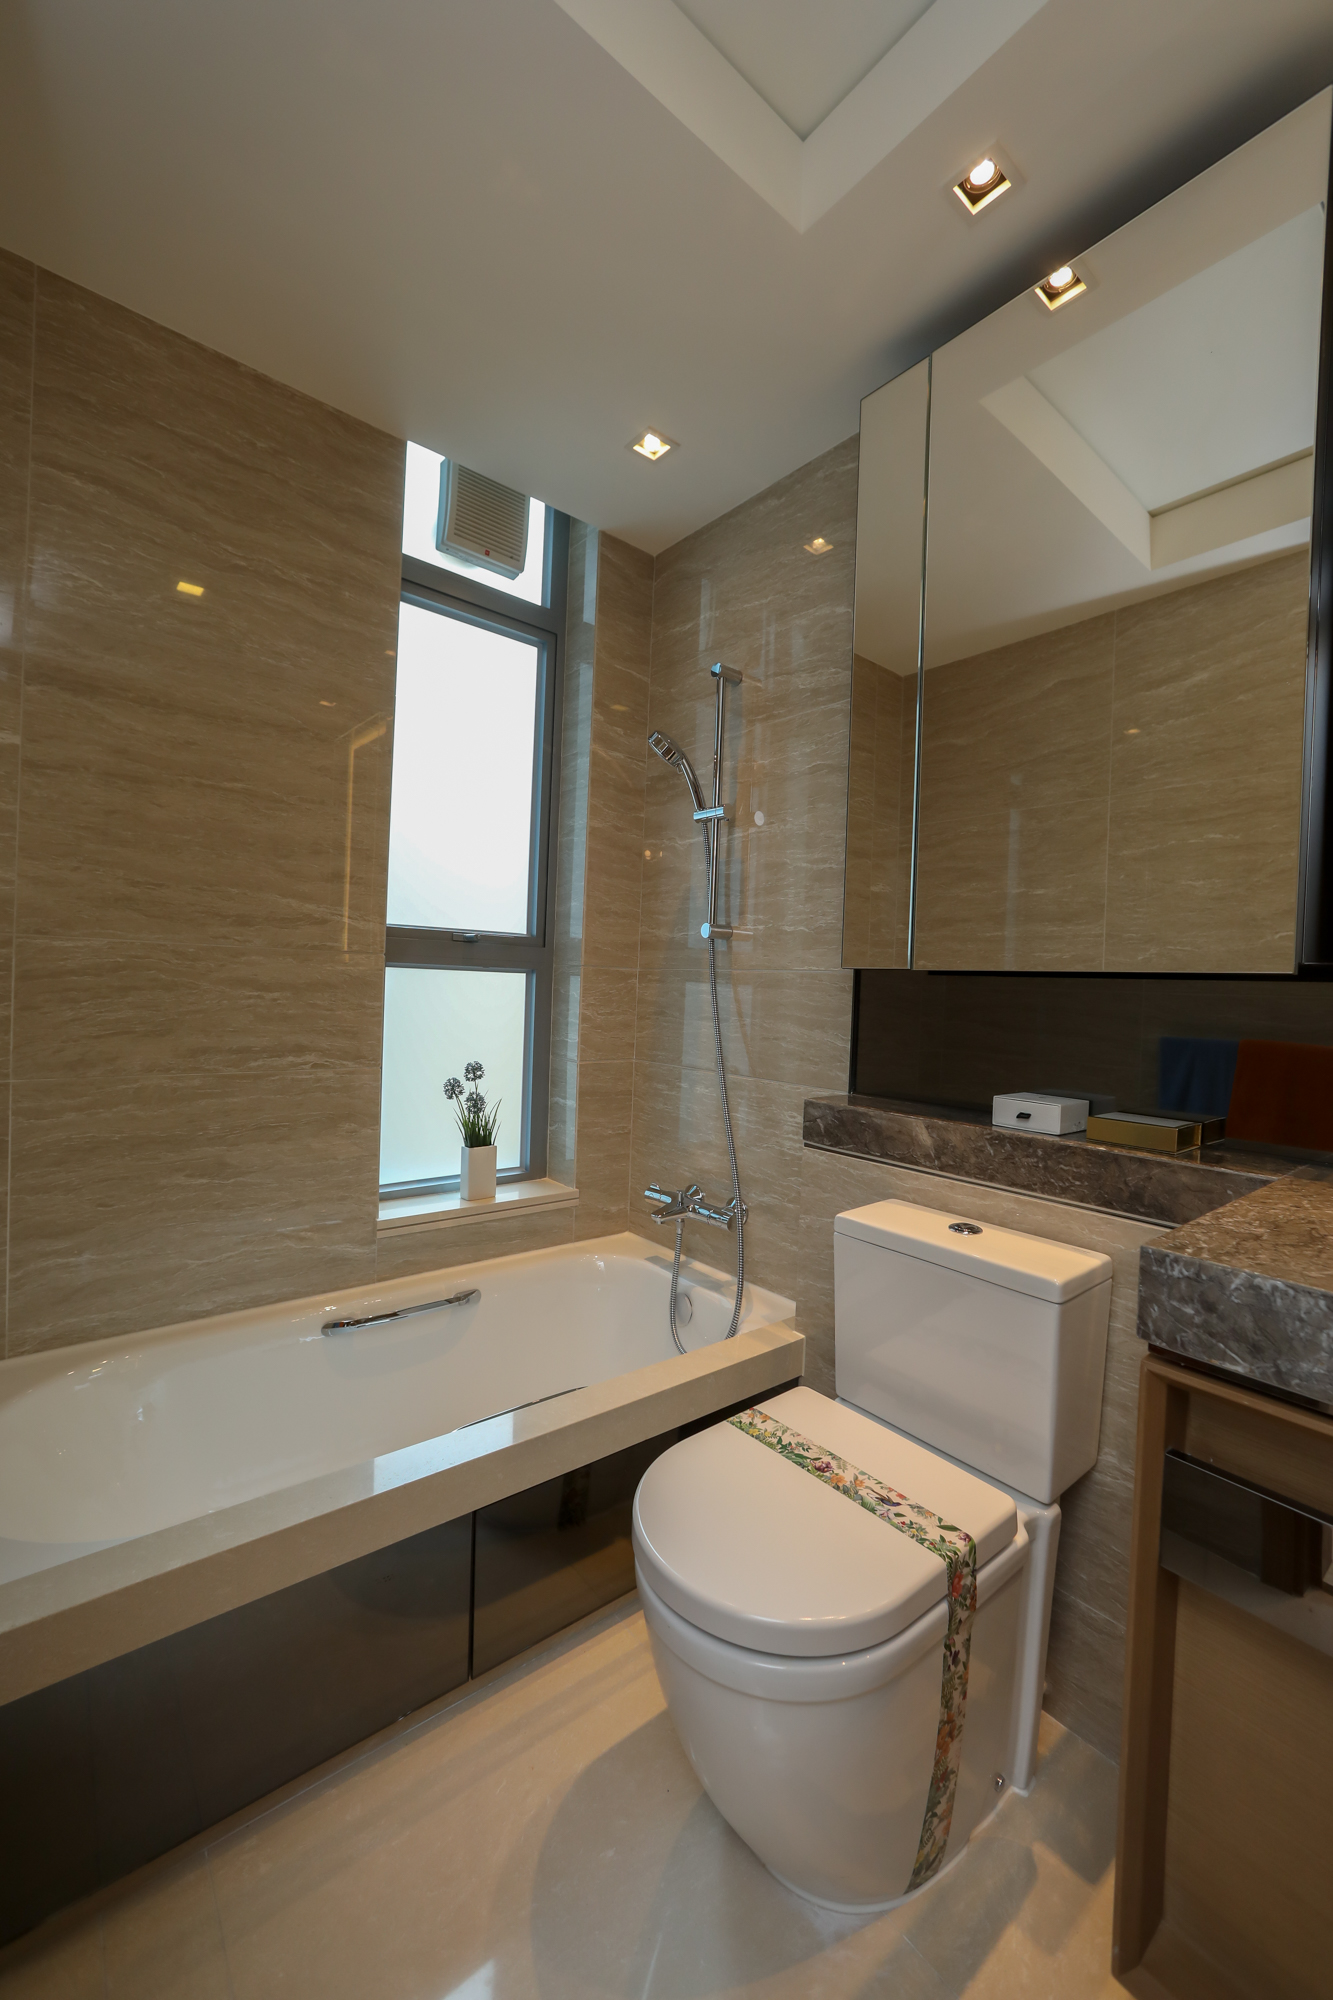 浴室備有窗戶,更設有三件頭浴室配備,設備齊全。